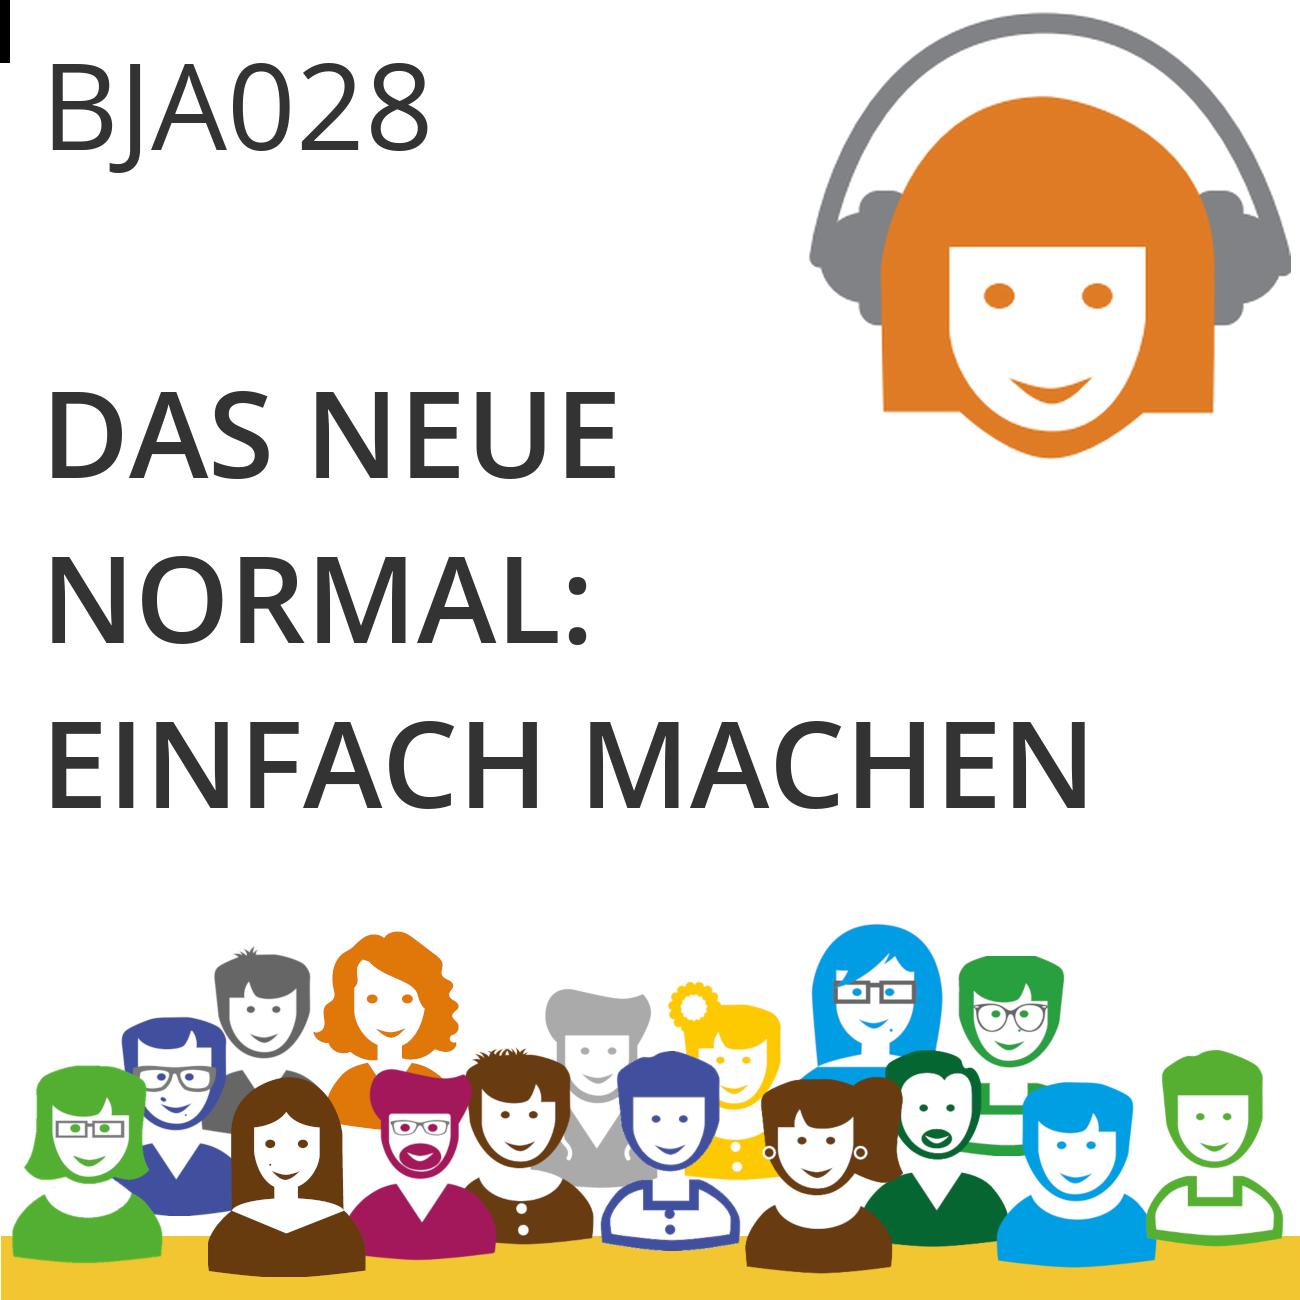 BJA028 | Das neue Normal: einfach machen!